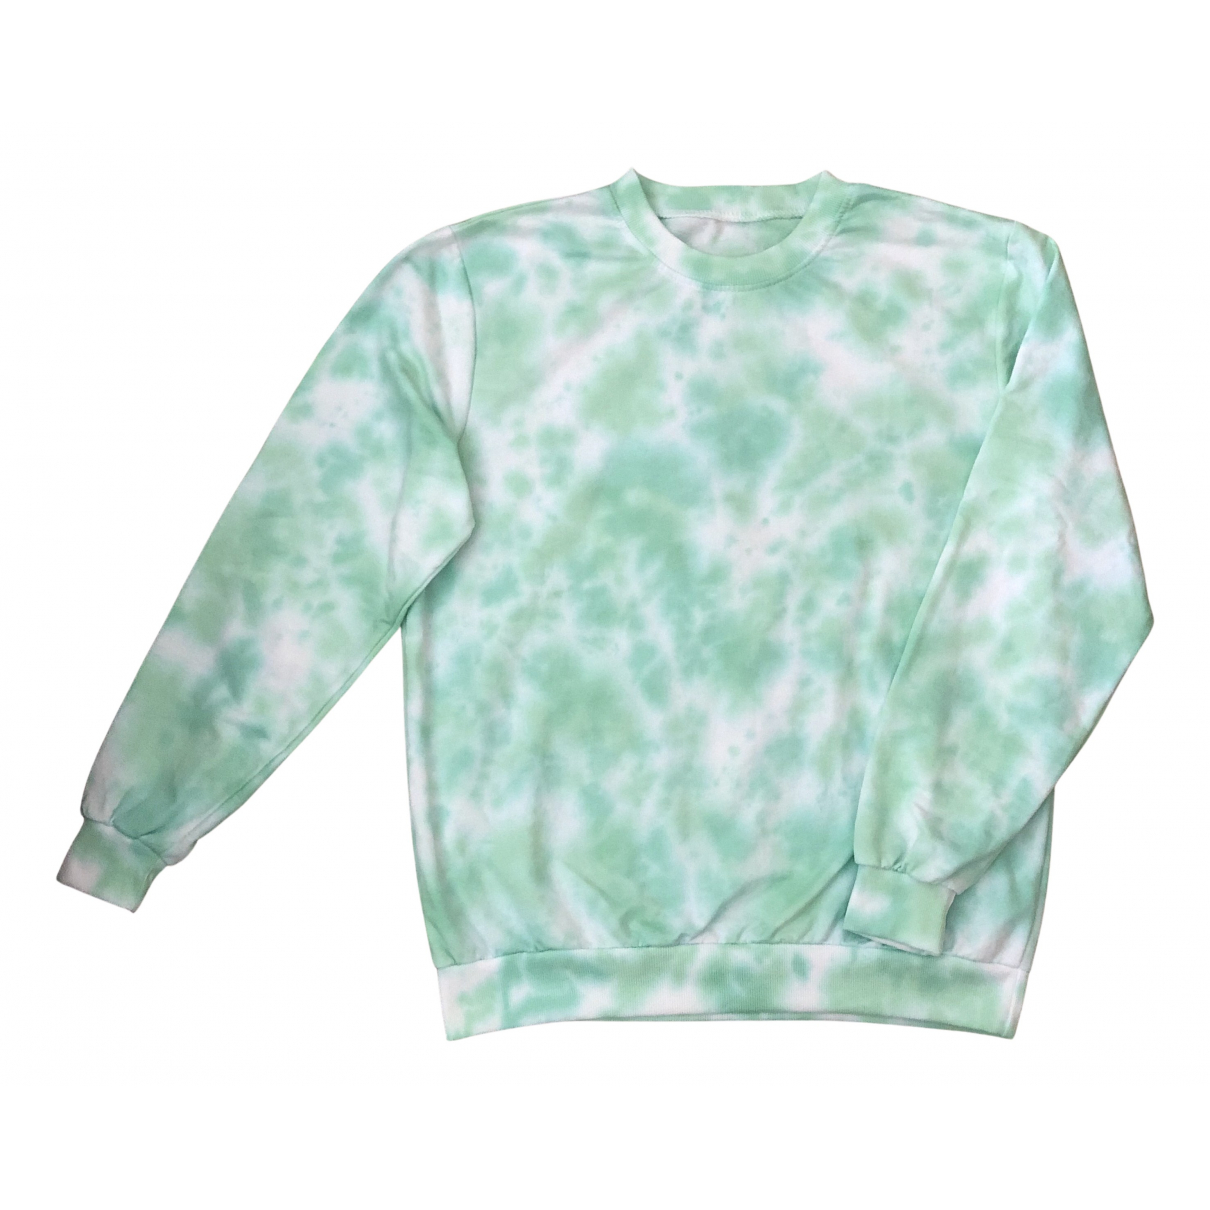 Reckless Minds N Green Cotton Knitwear for Women XL International